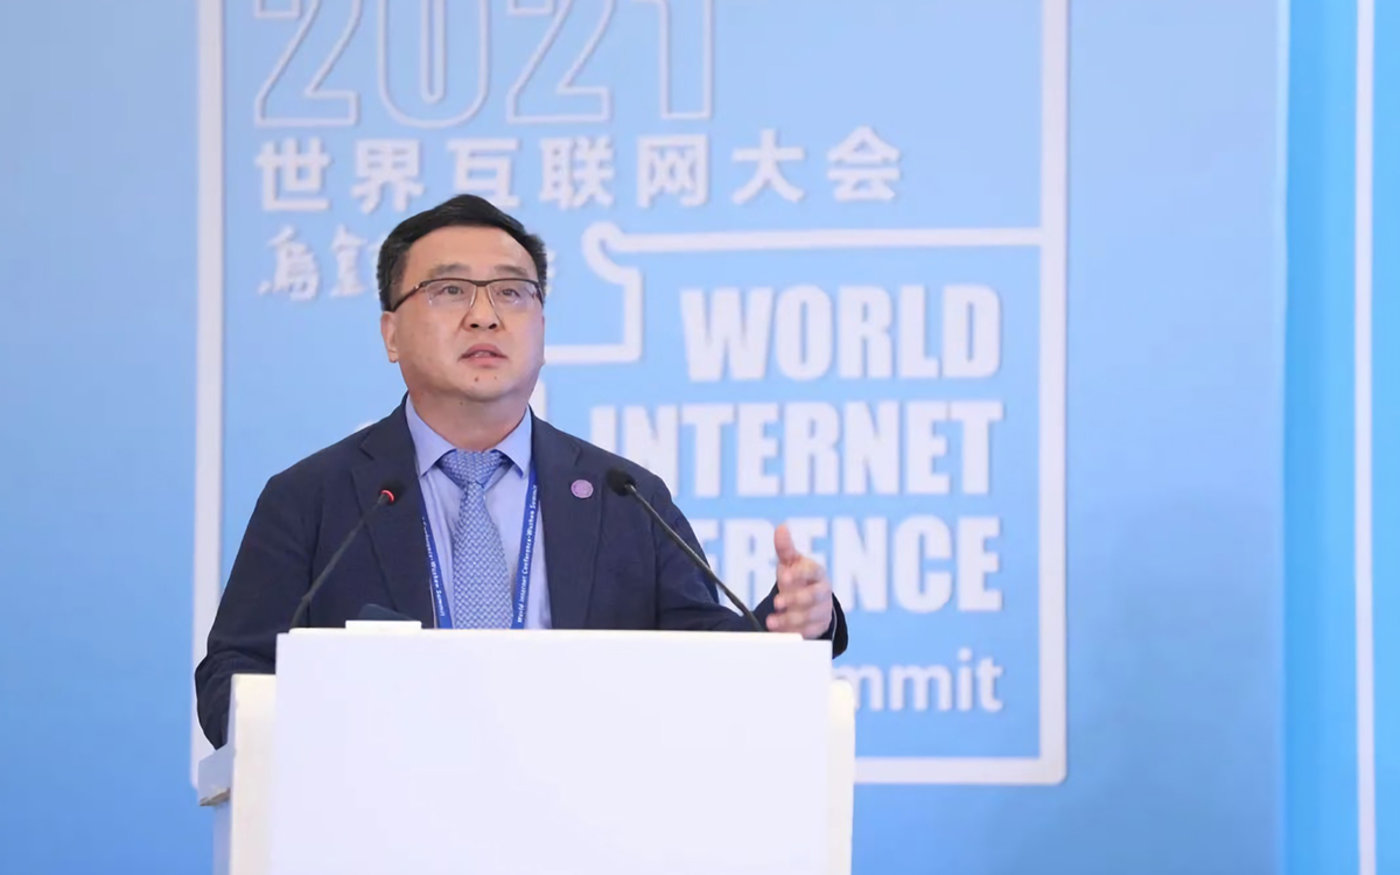 清华大学教授、智能产业研究院院长张亚勤